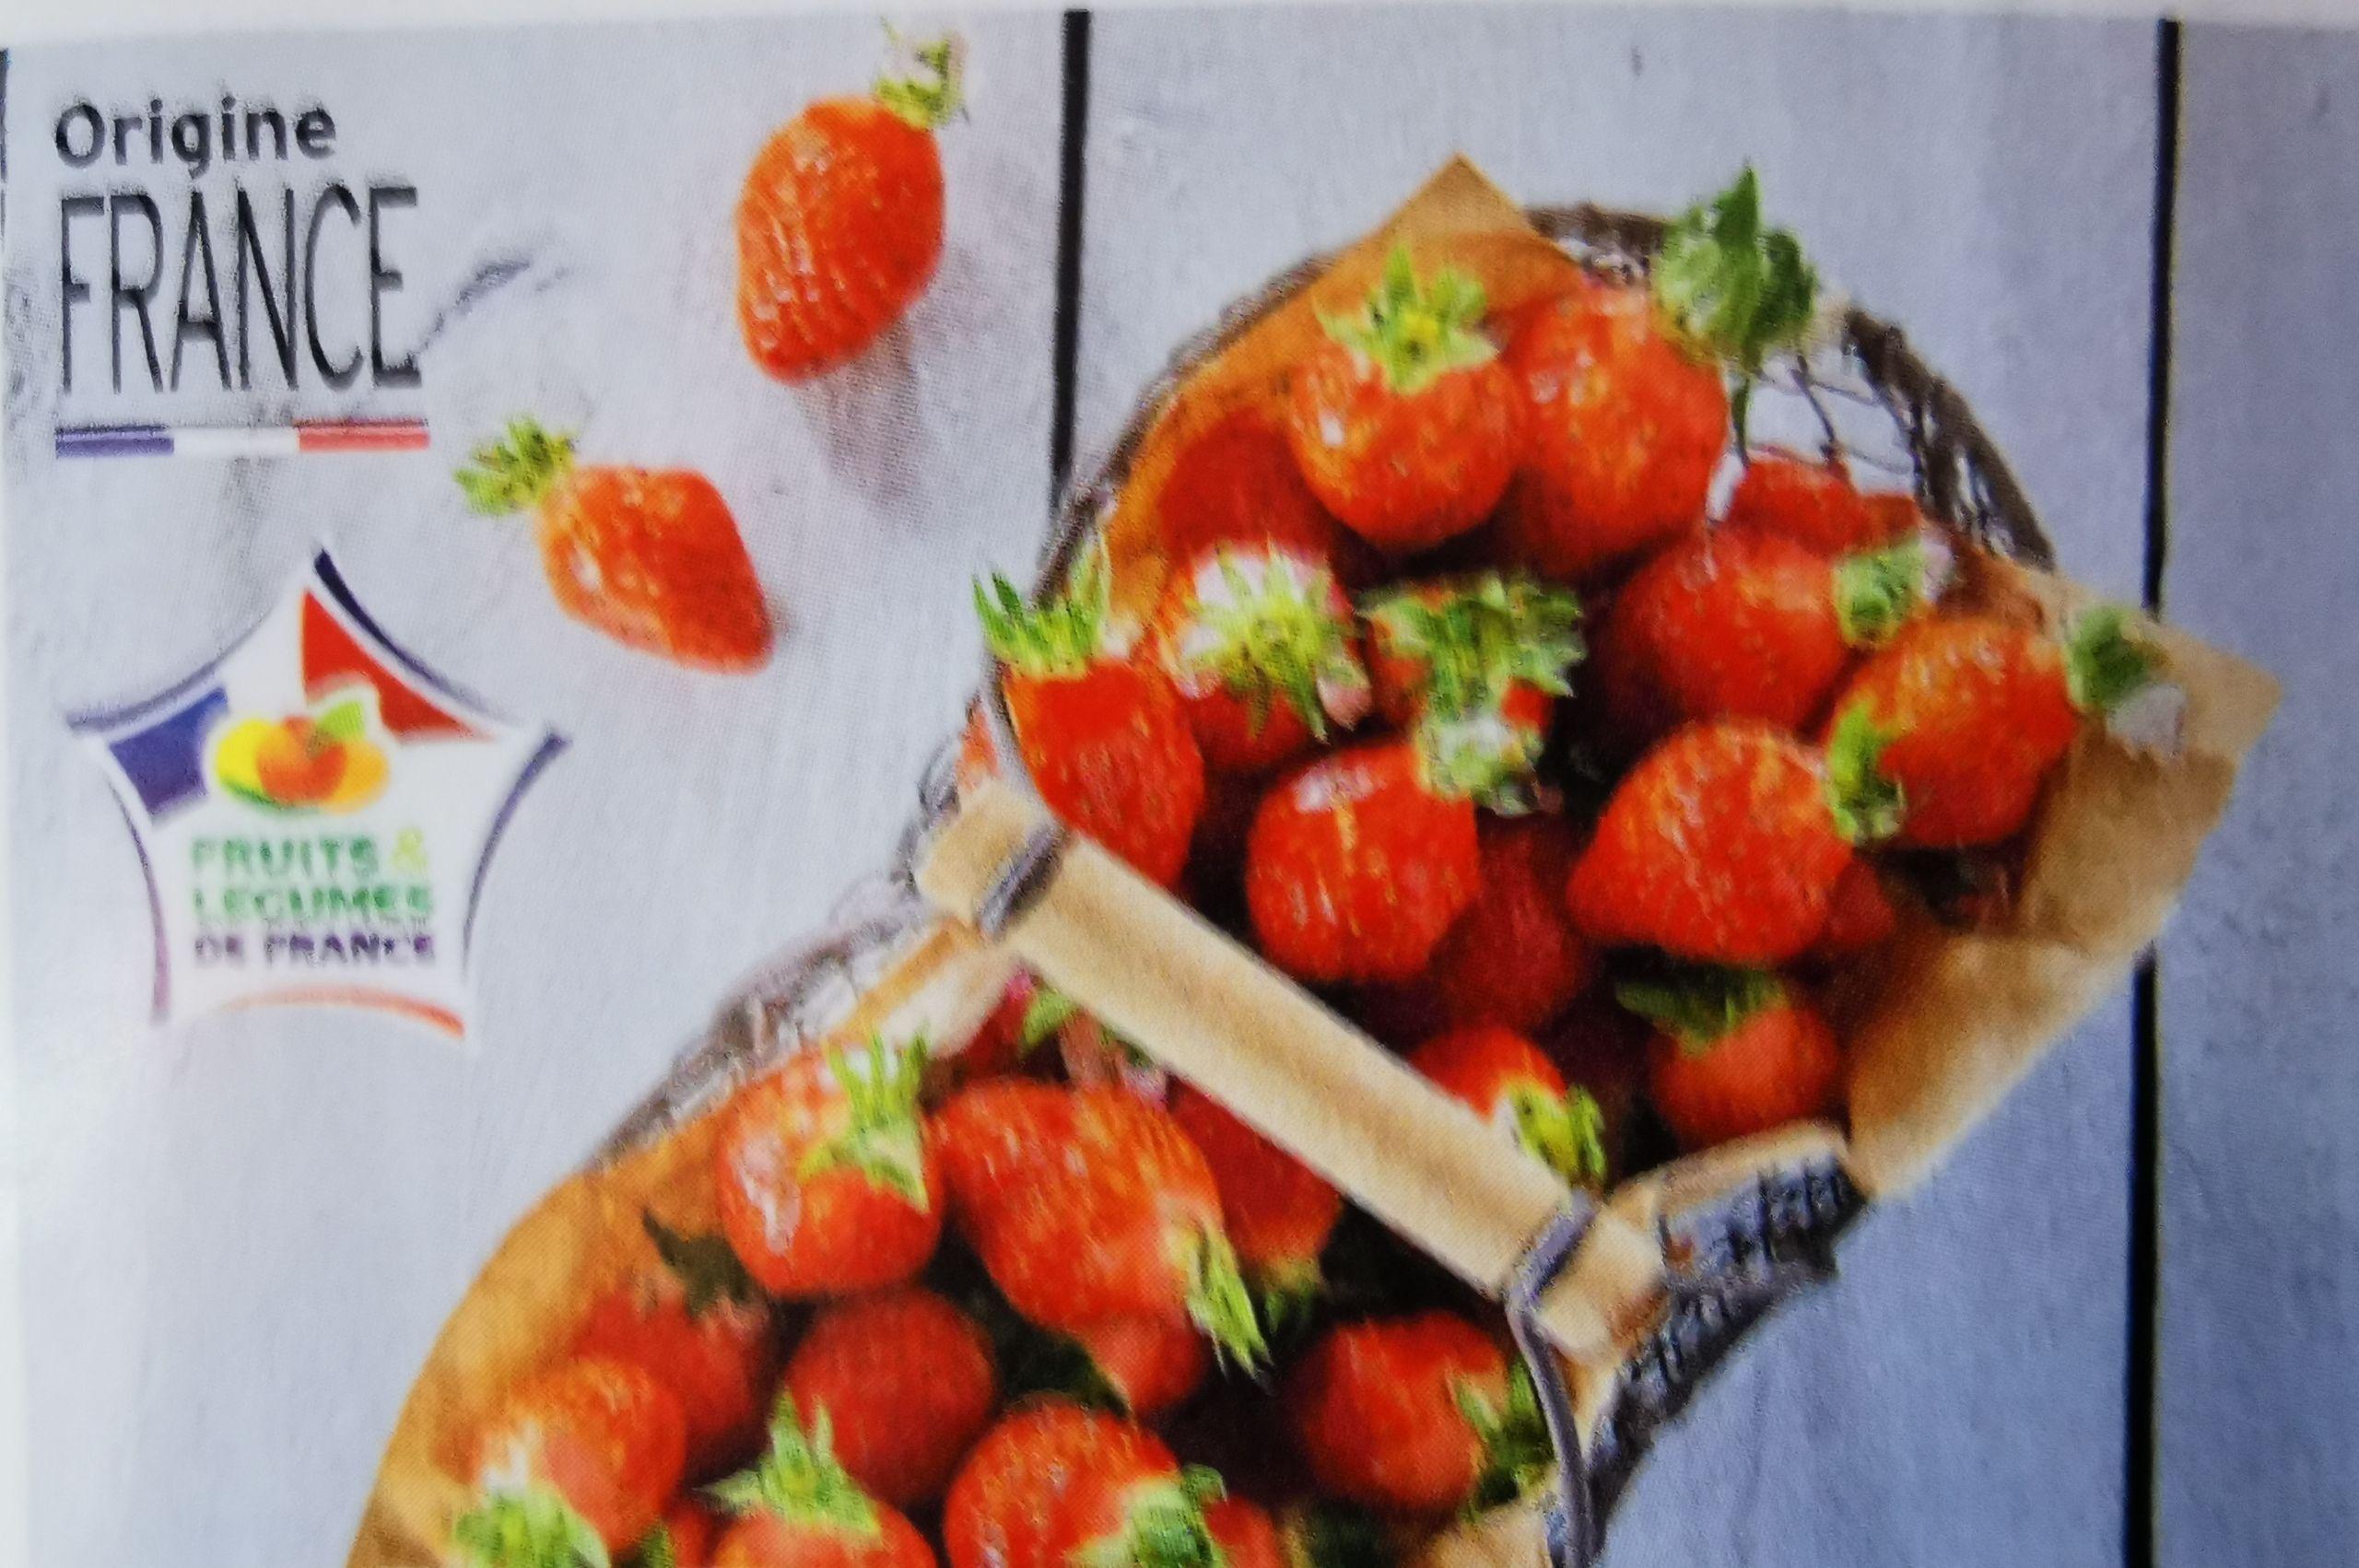 Lot de 2 barquettes de fraises Gariguette - 2x250g, catégorie 1, origine France